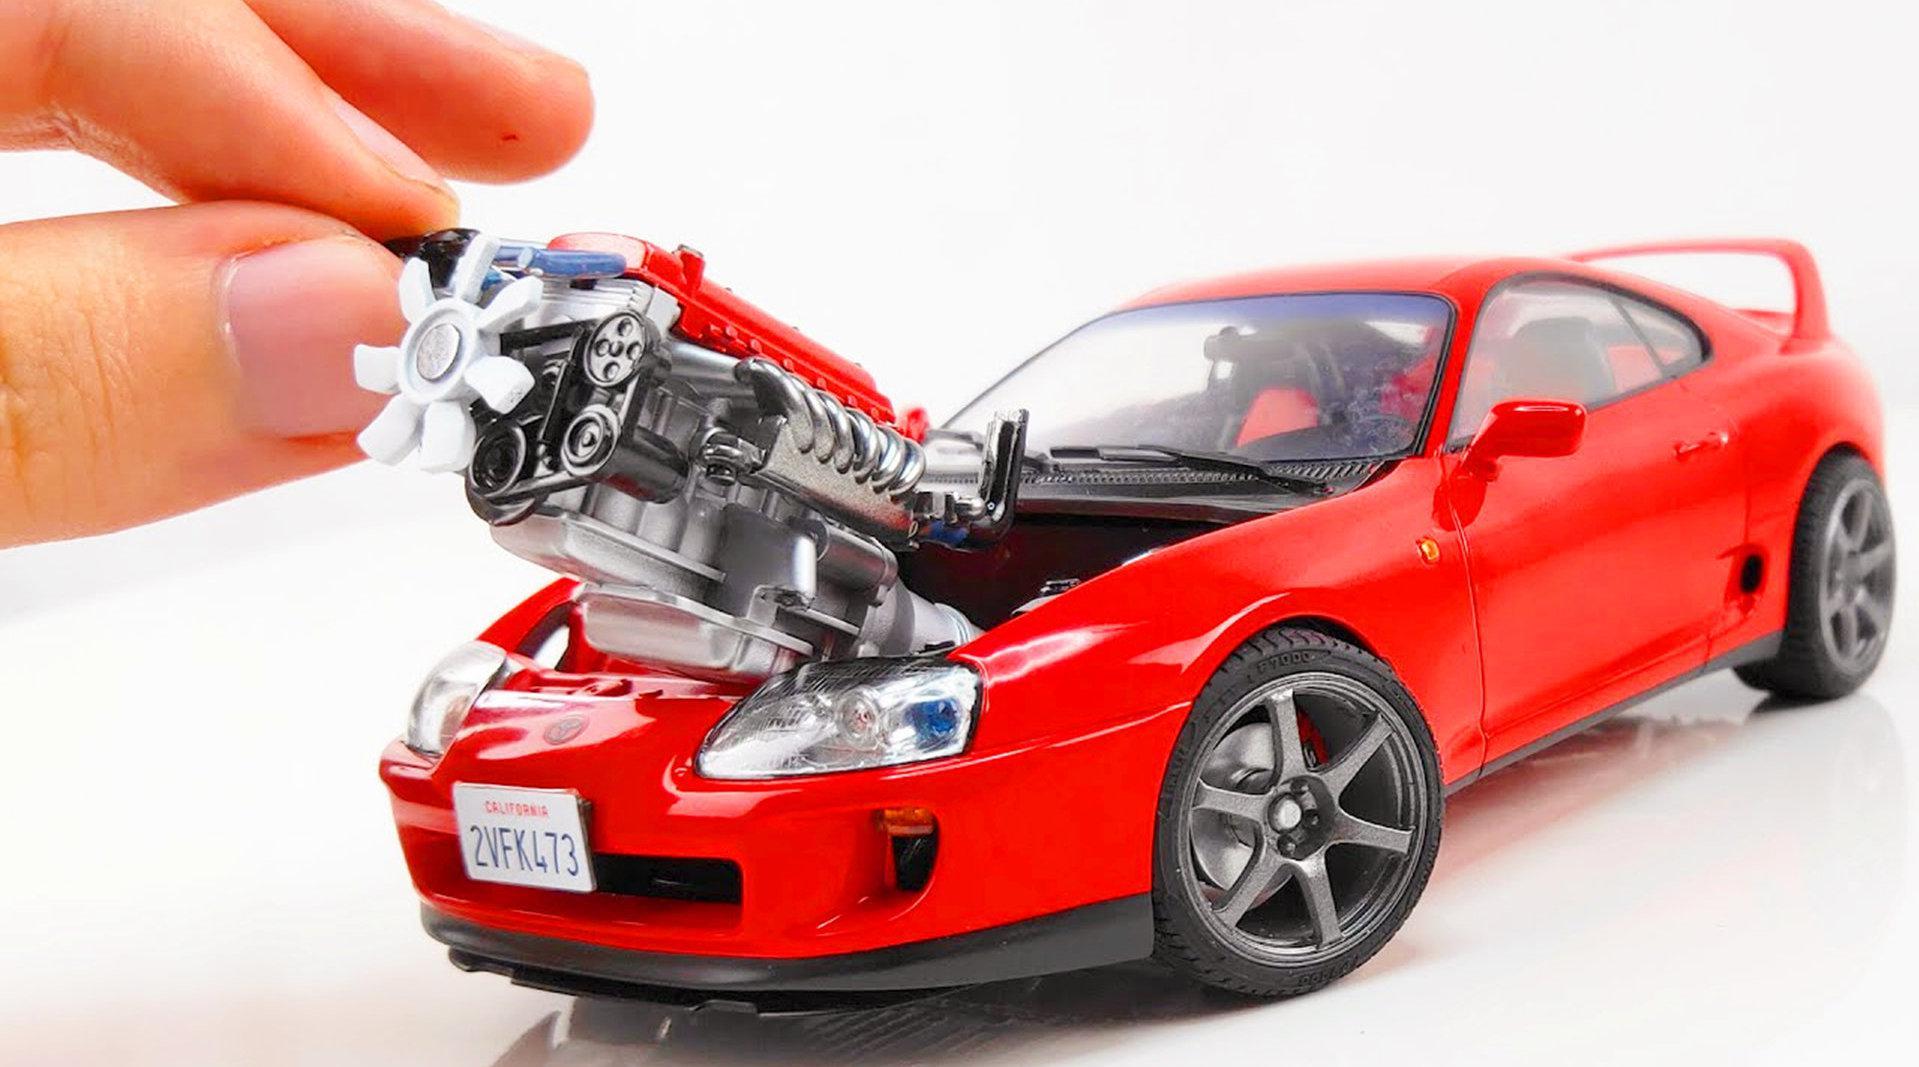 视频:拼装丰田超Mk4模型,动手能力太强了,不服都不行